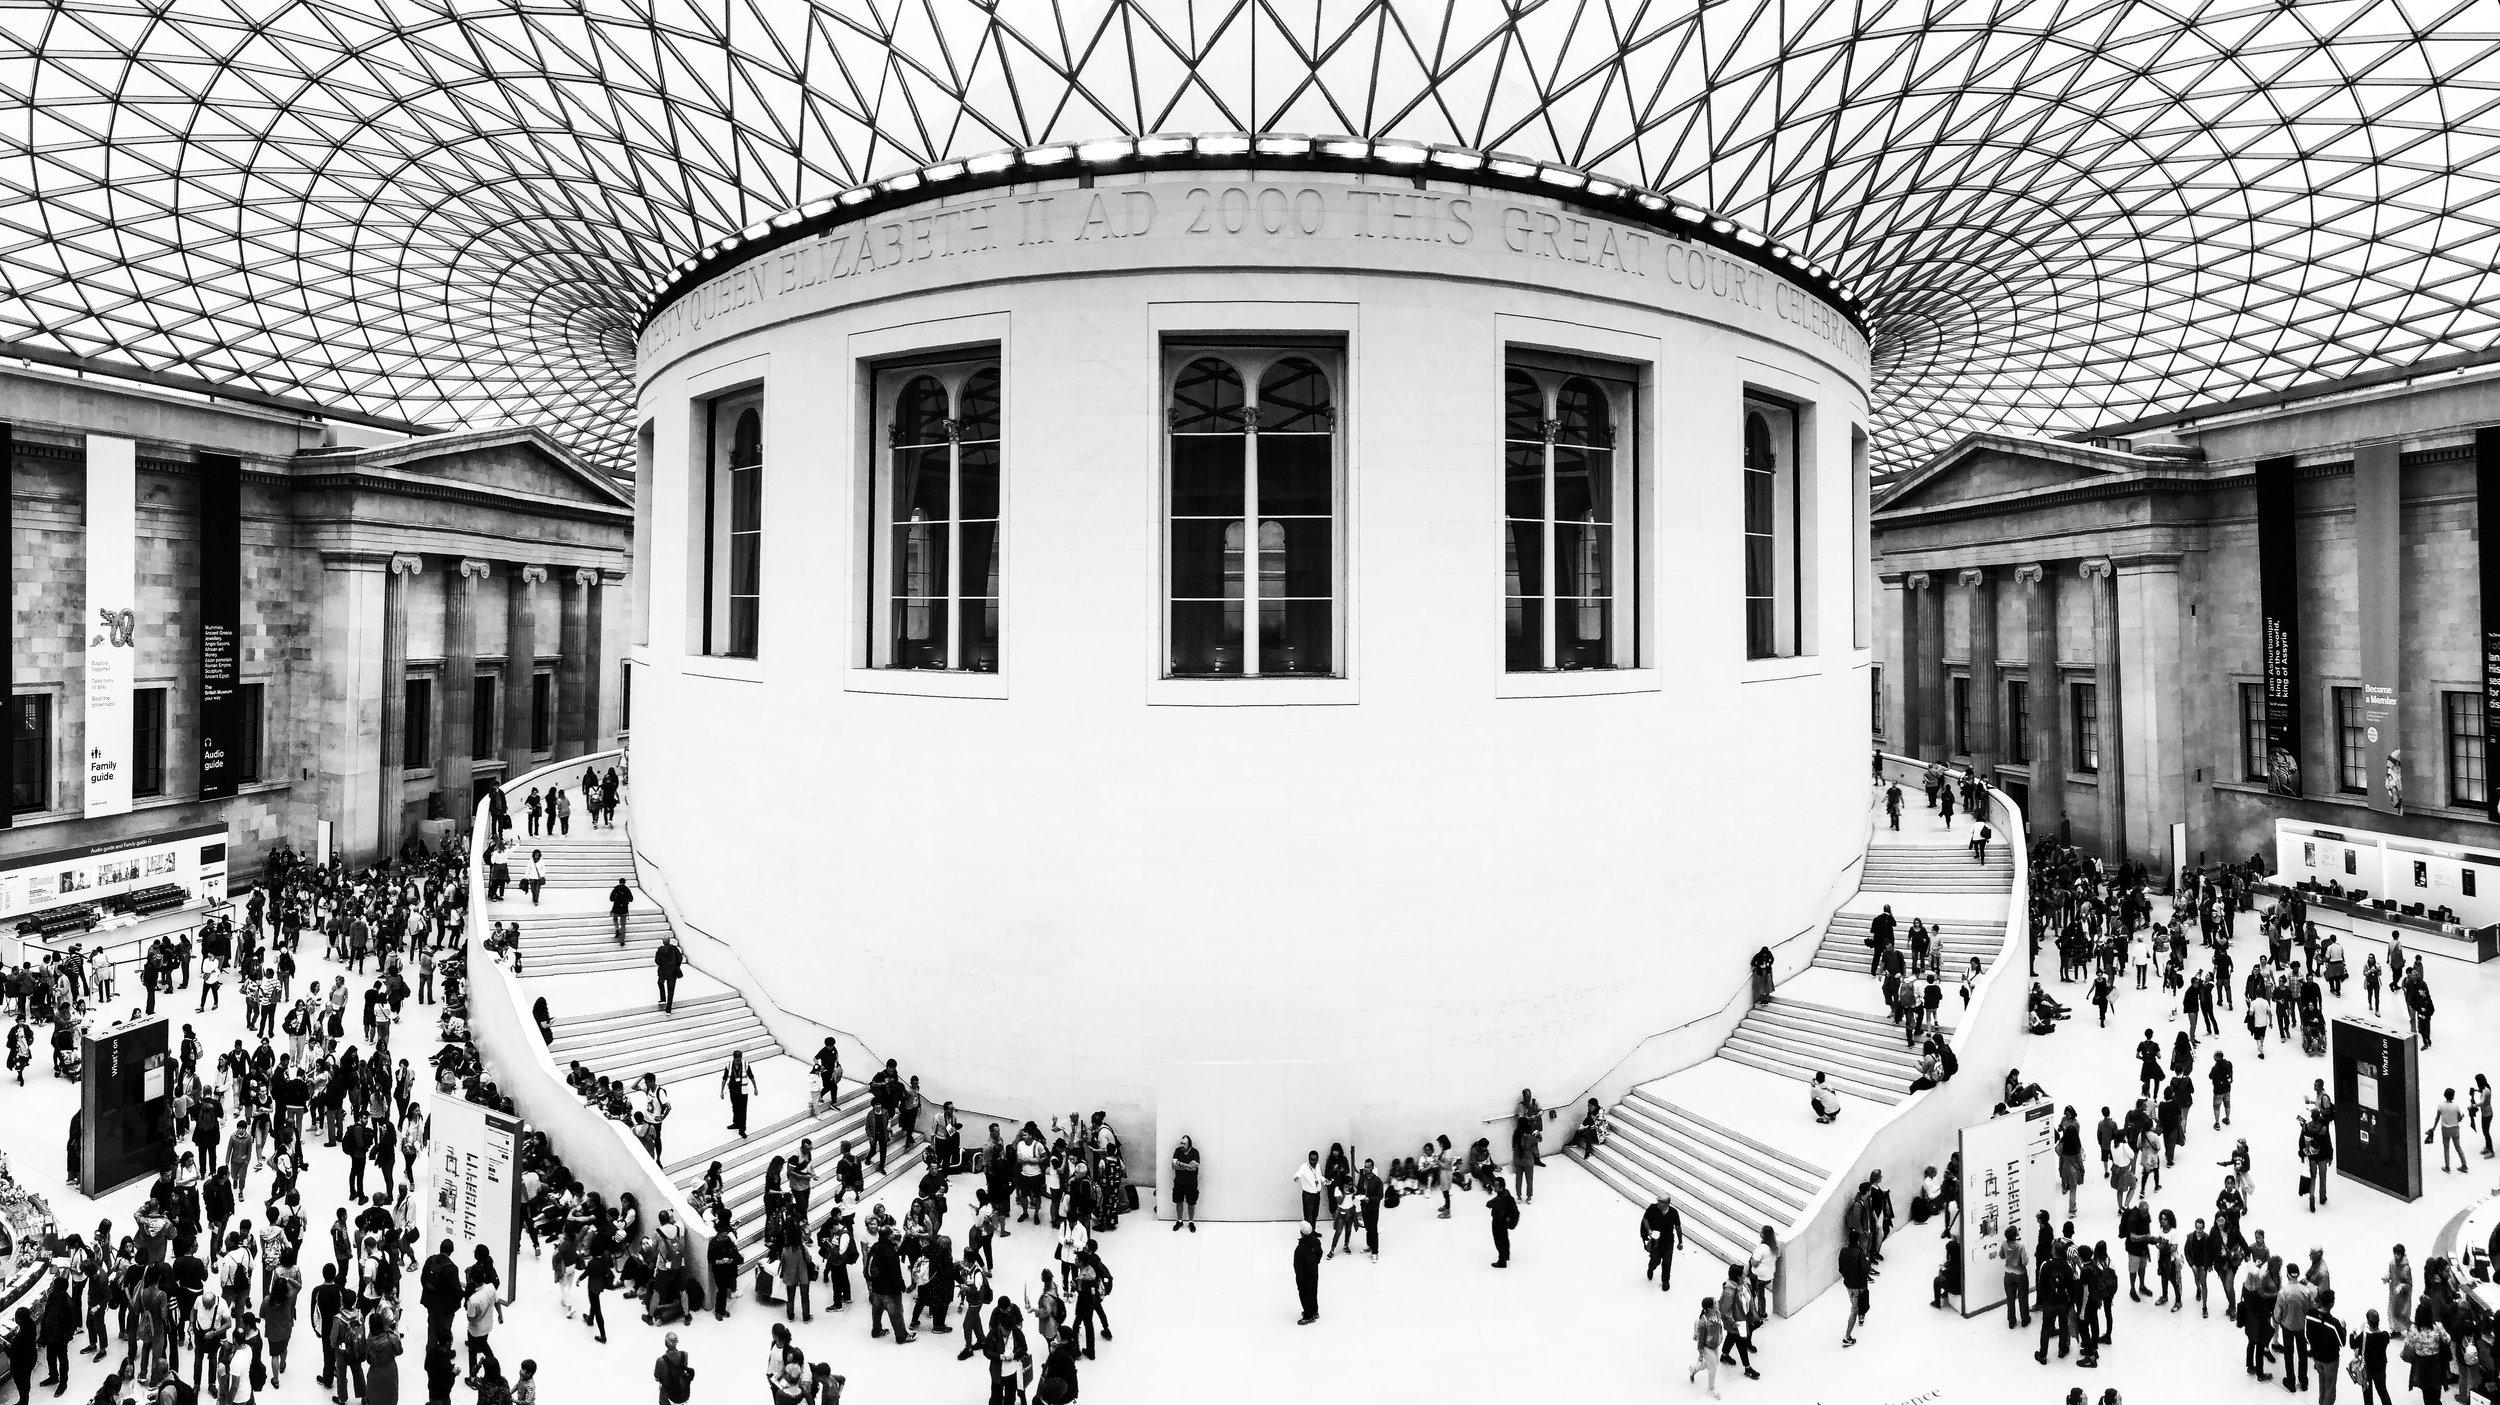 London British museum black white atrium ants